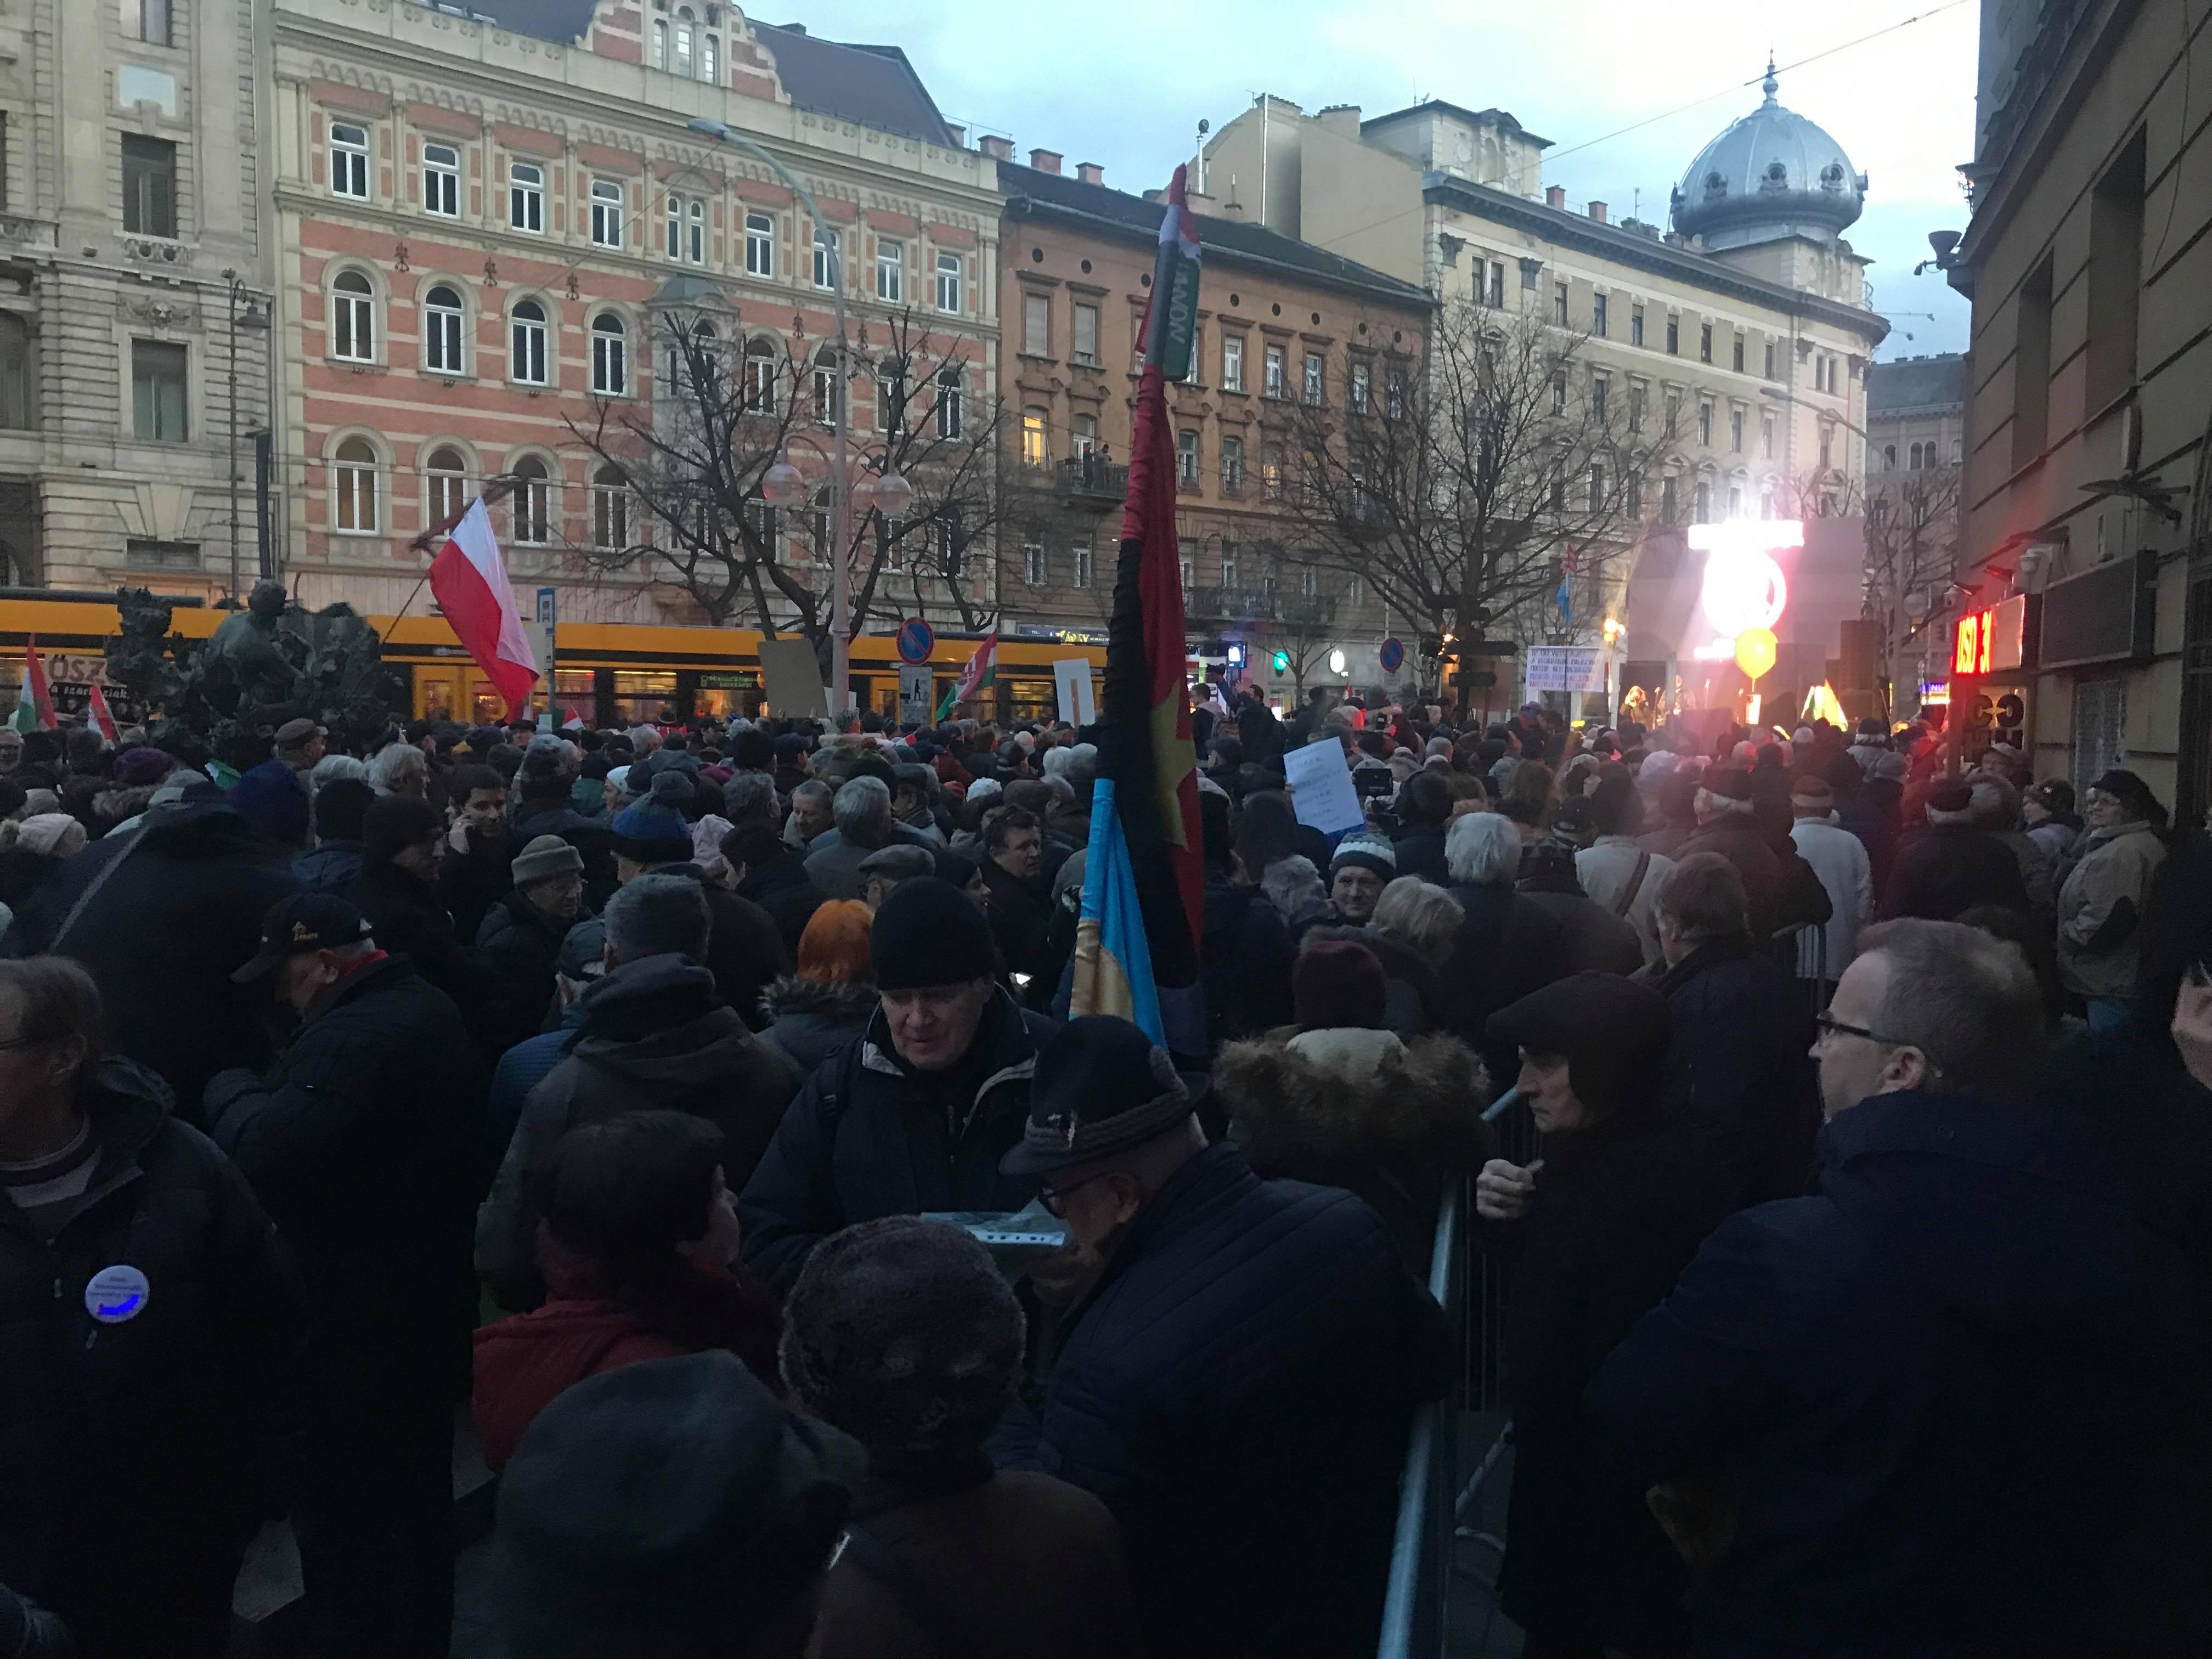 Nem jár a 4-6-os villamos a fideszes tüntetés miatt a Blaha és az Oktogon között